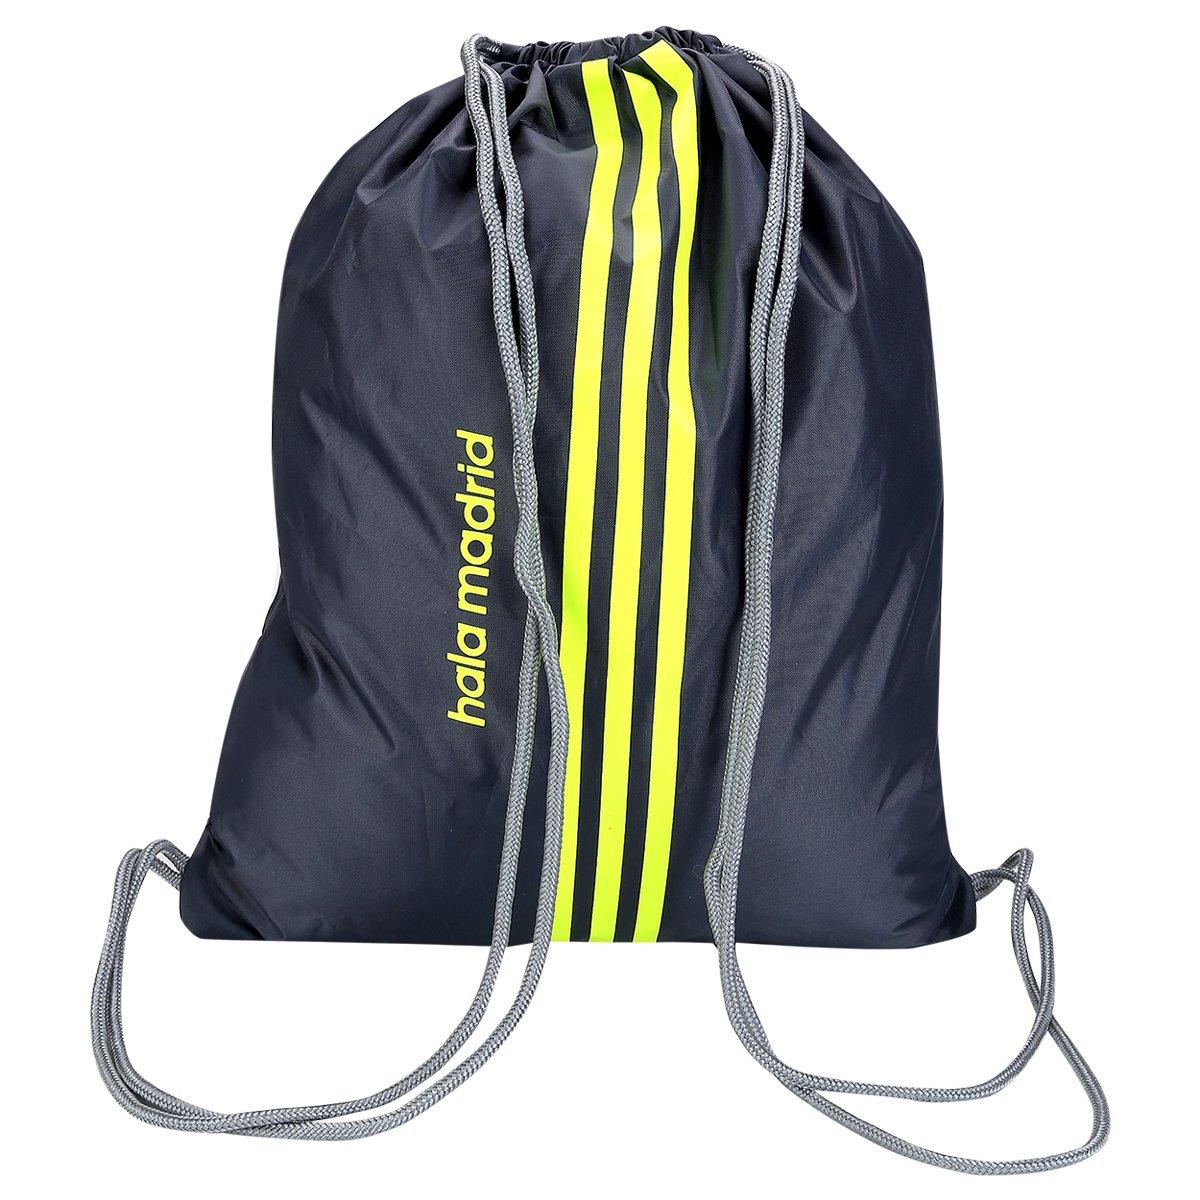 e31e438ac5 Sacola Adidas Real Madrid Ginástica - Compre Agora